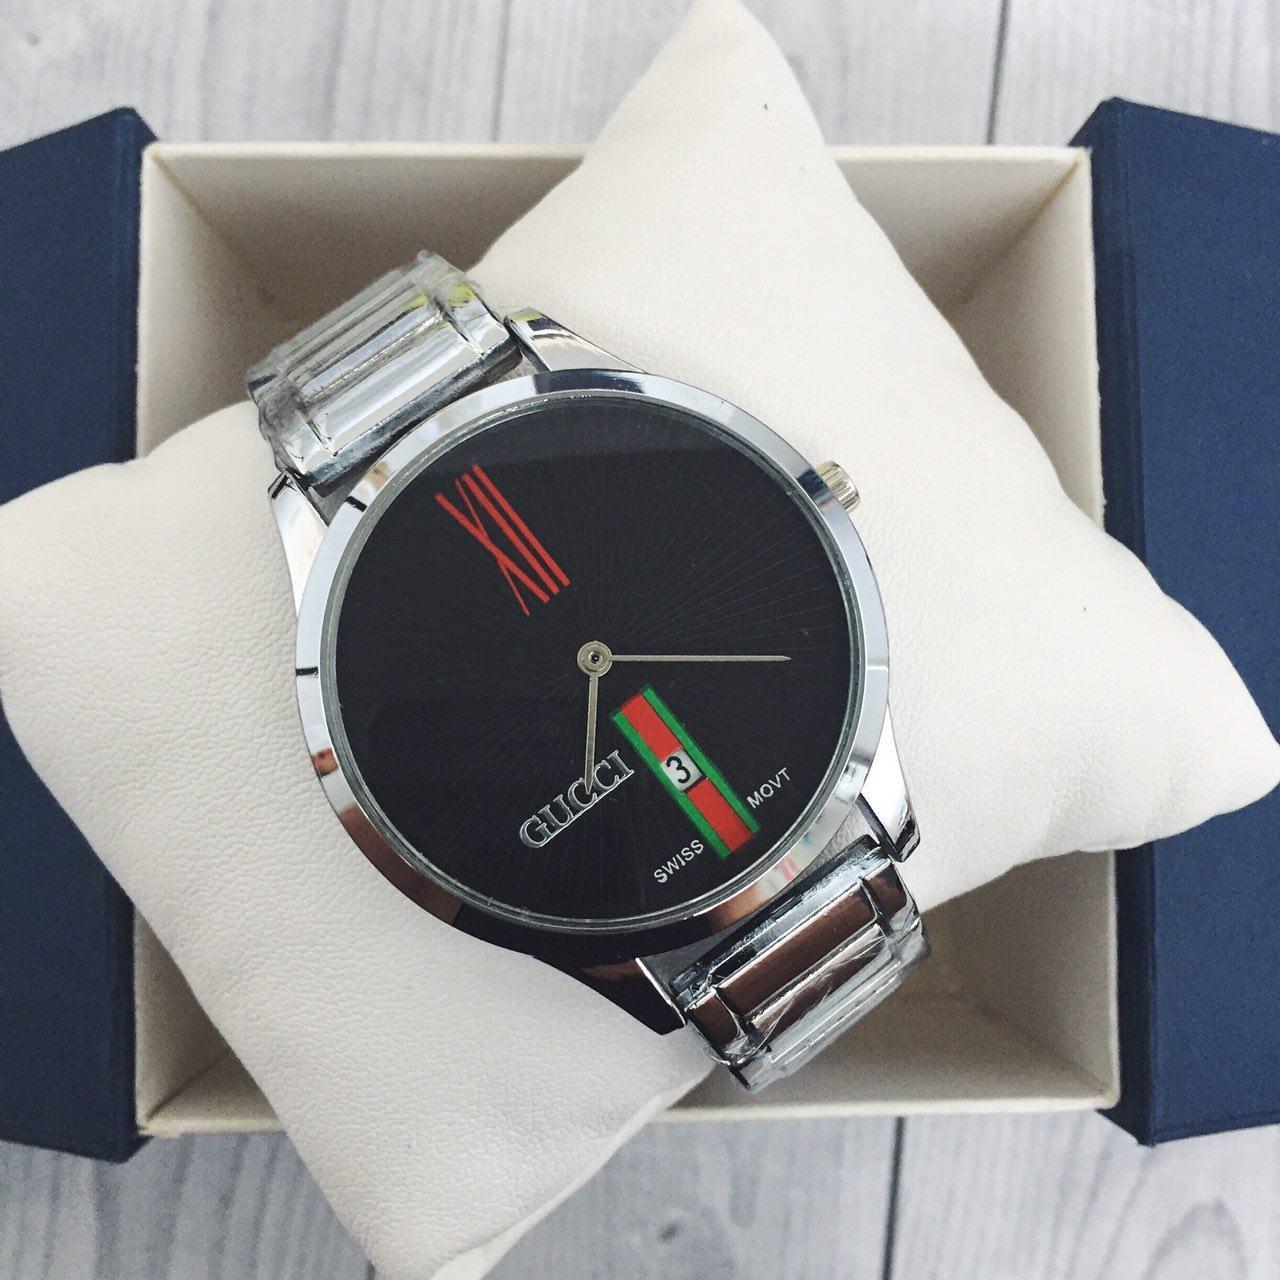 822d3fac Наручные часы - купить в Украине на BESPLATKA.ua ᐉ Продажа женских ...